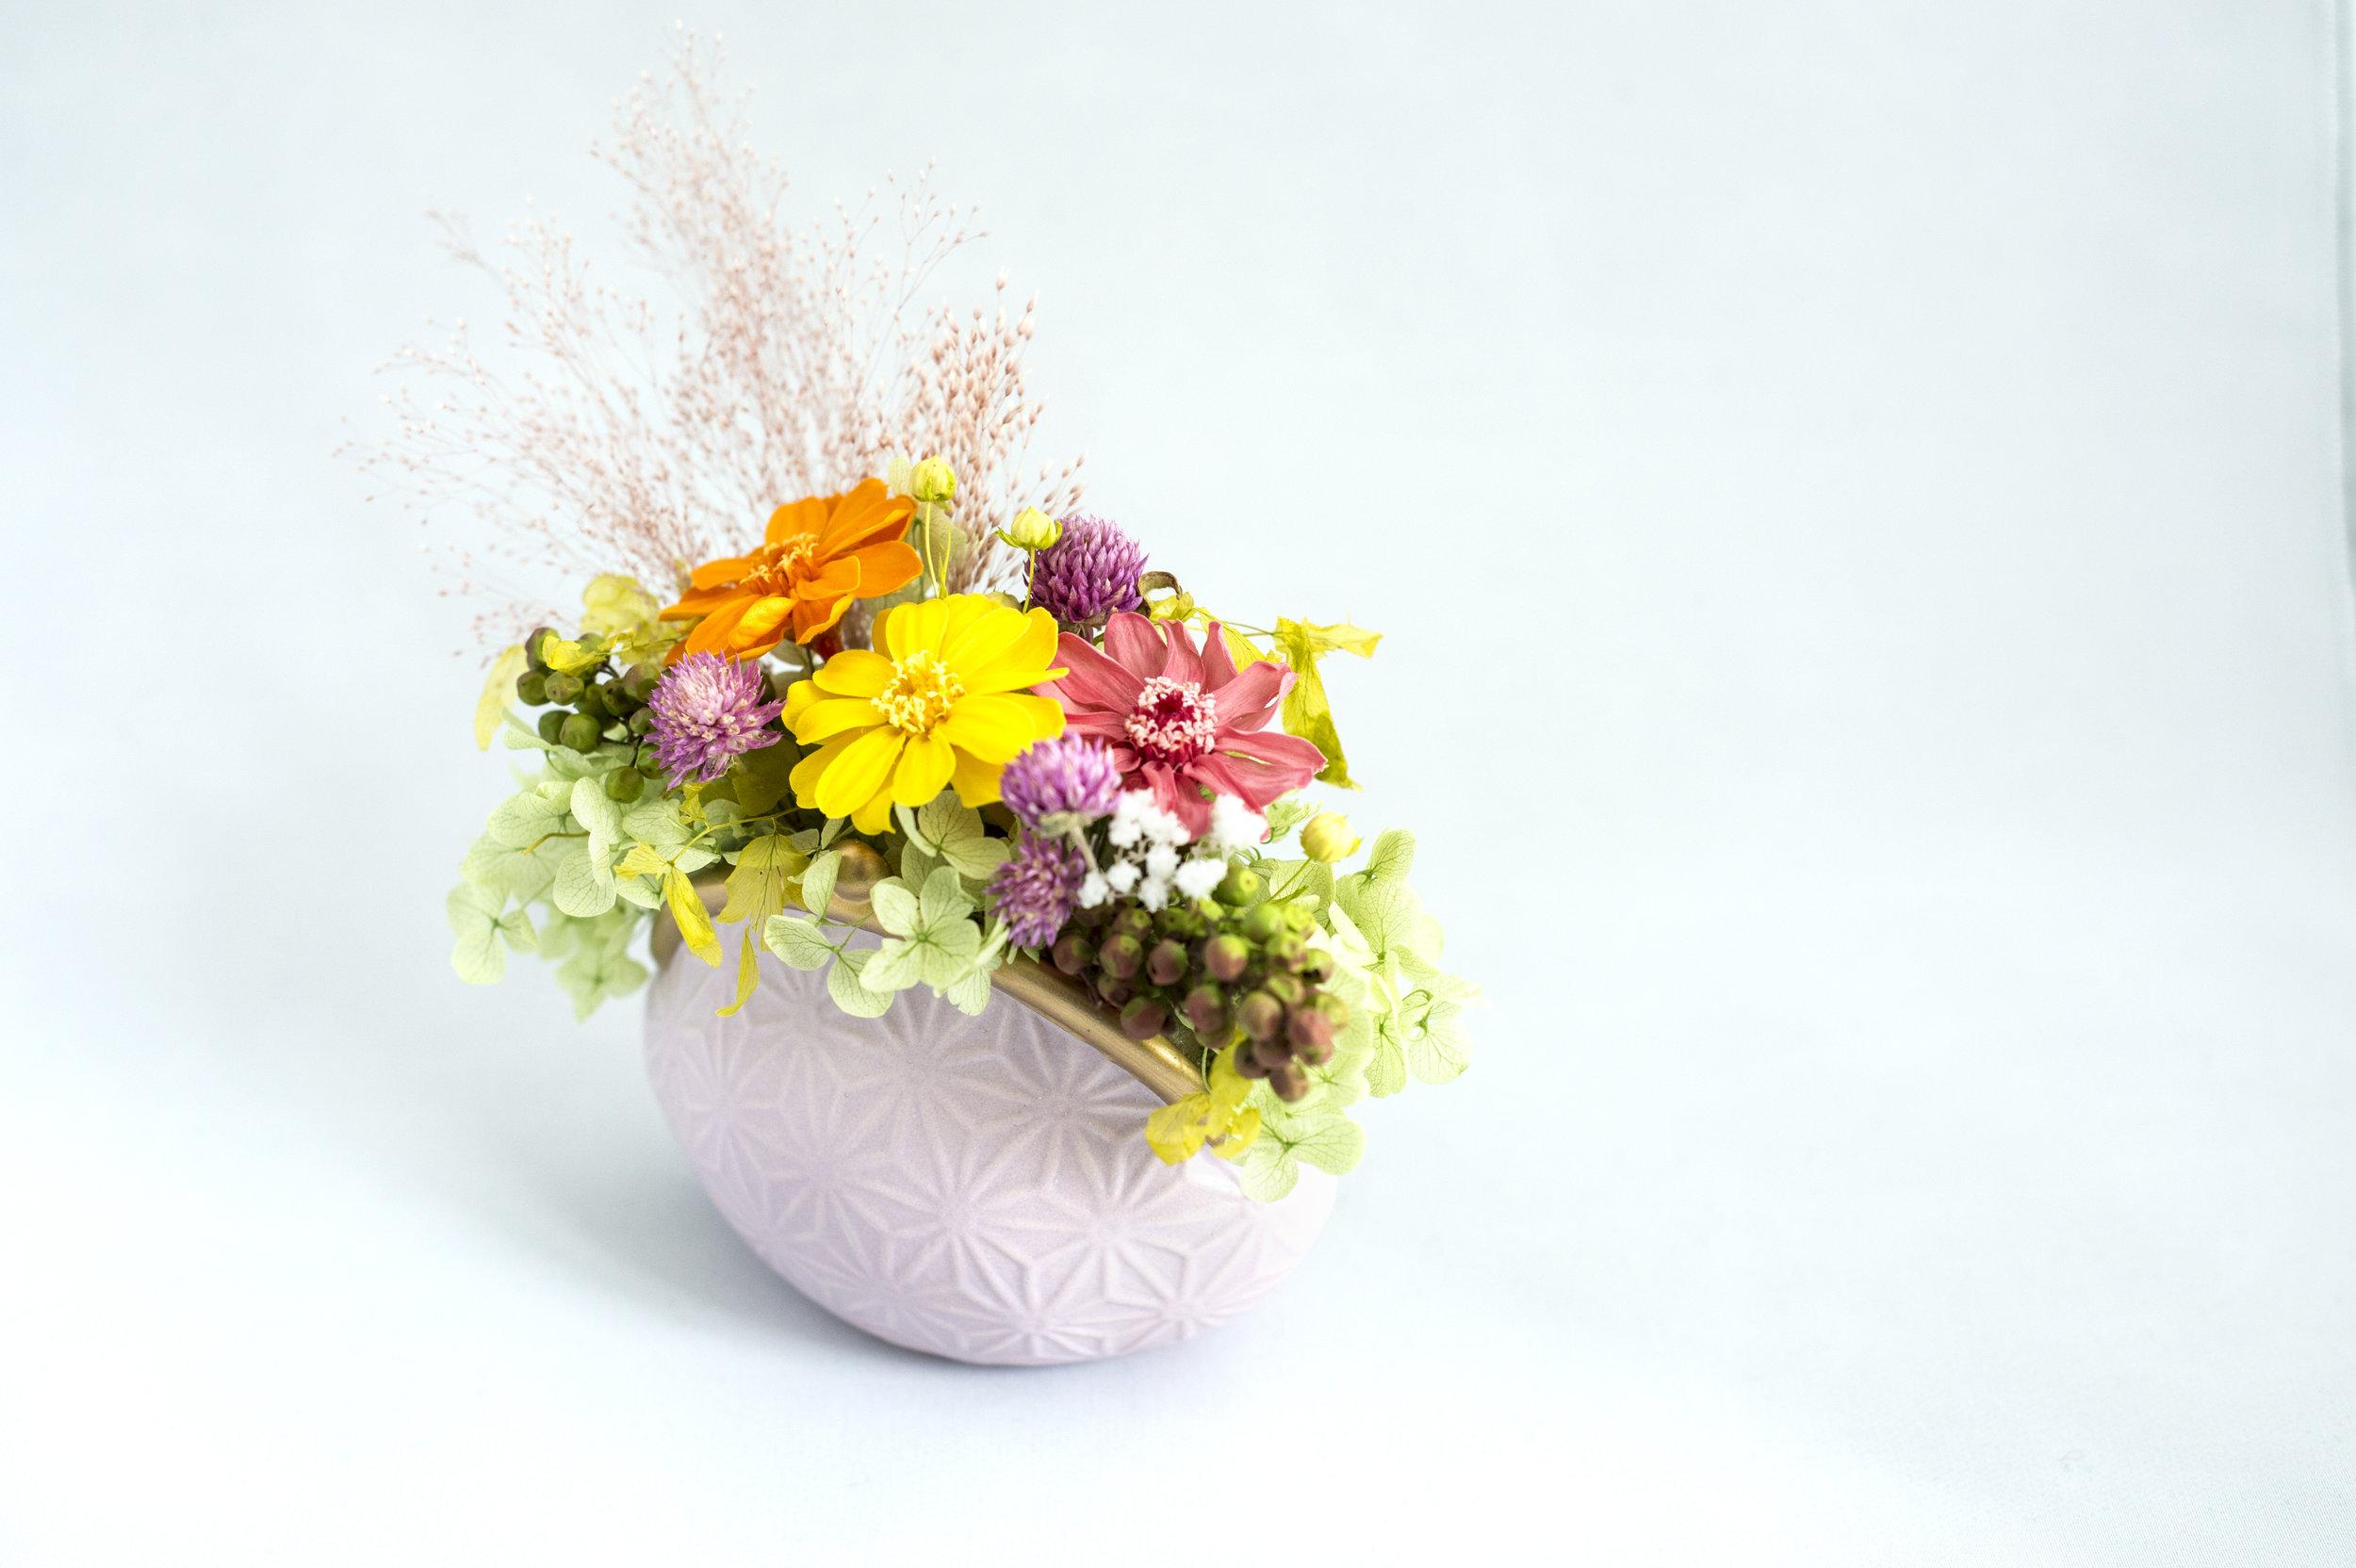 Preserved flower lucky.jpg